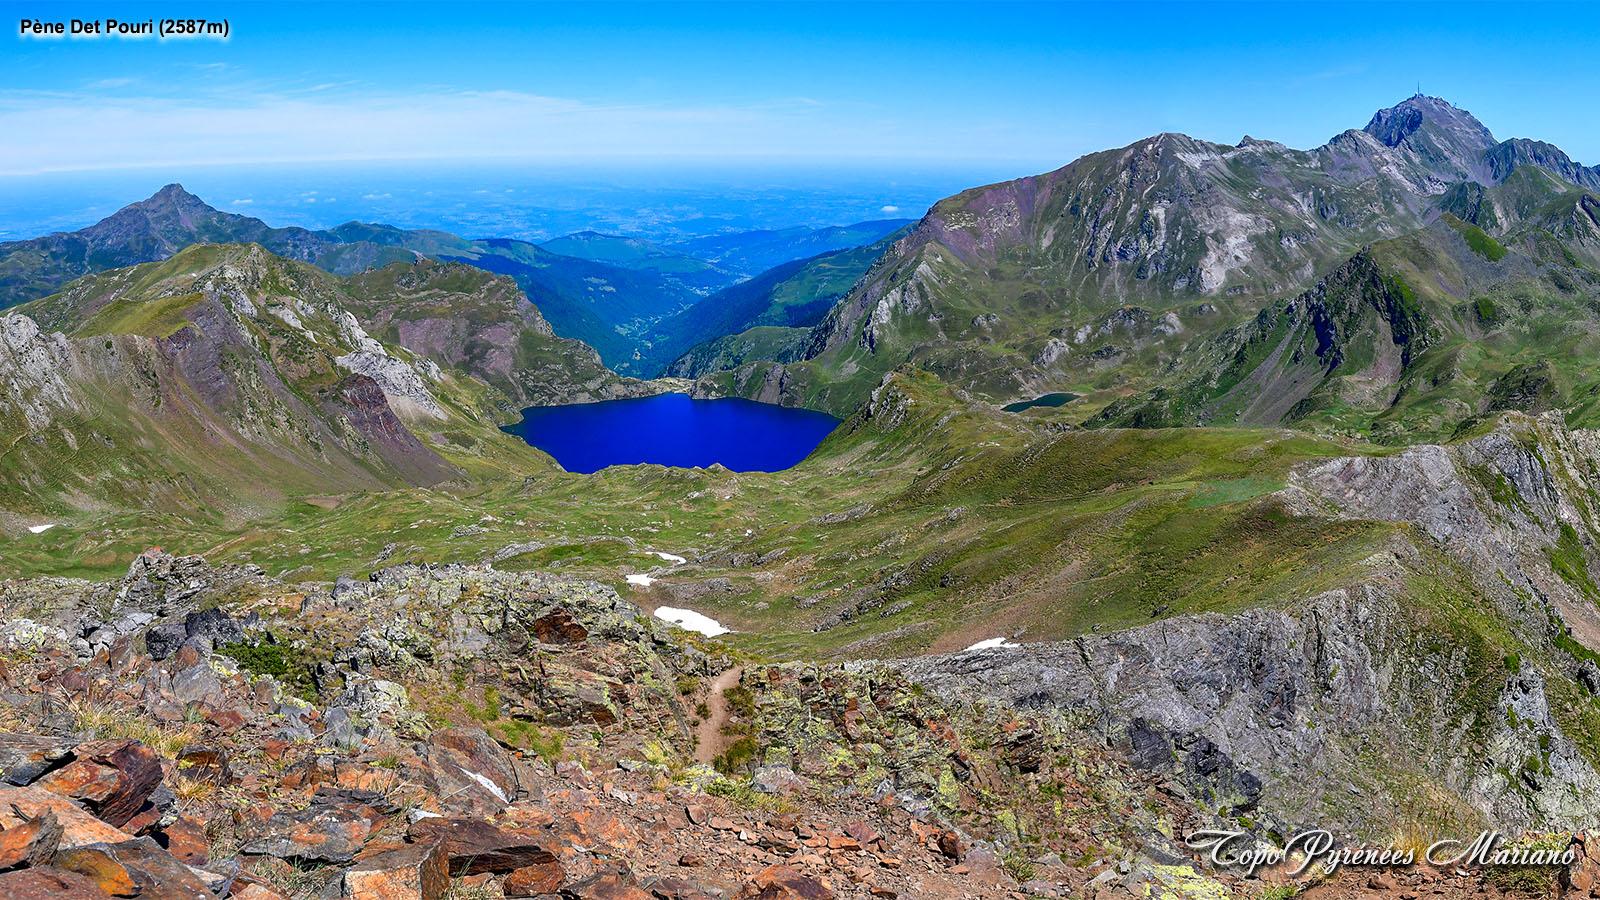 Randonnée Pène Det Pouri depuis Barèges 2587m